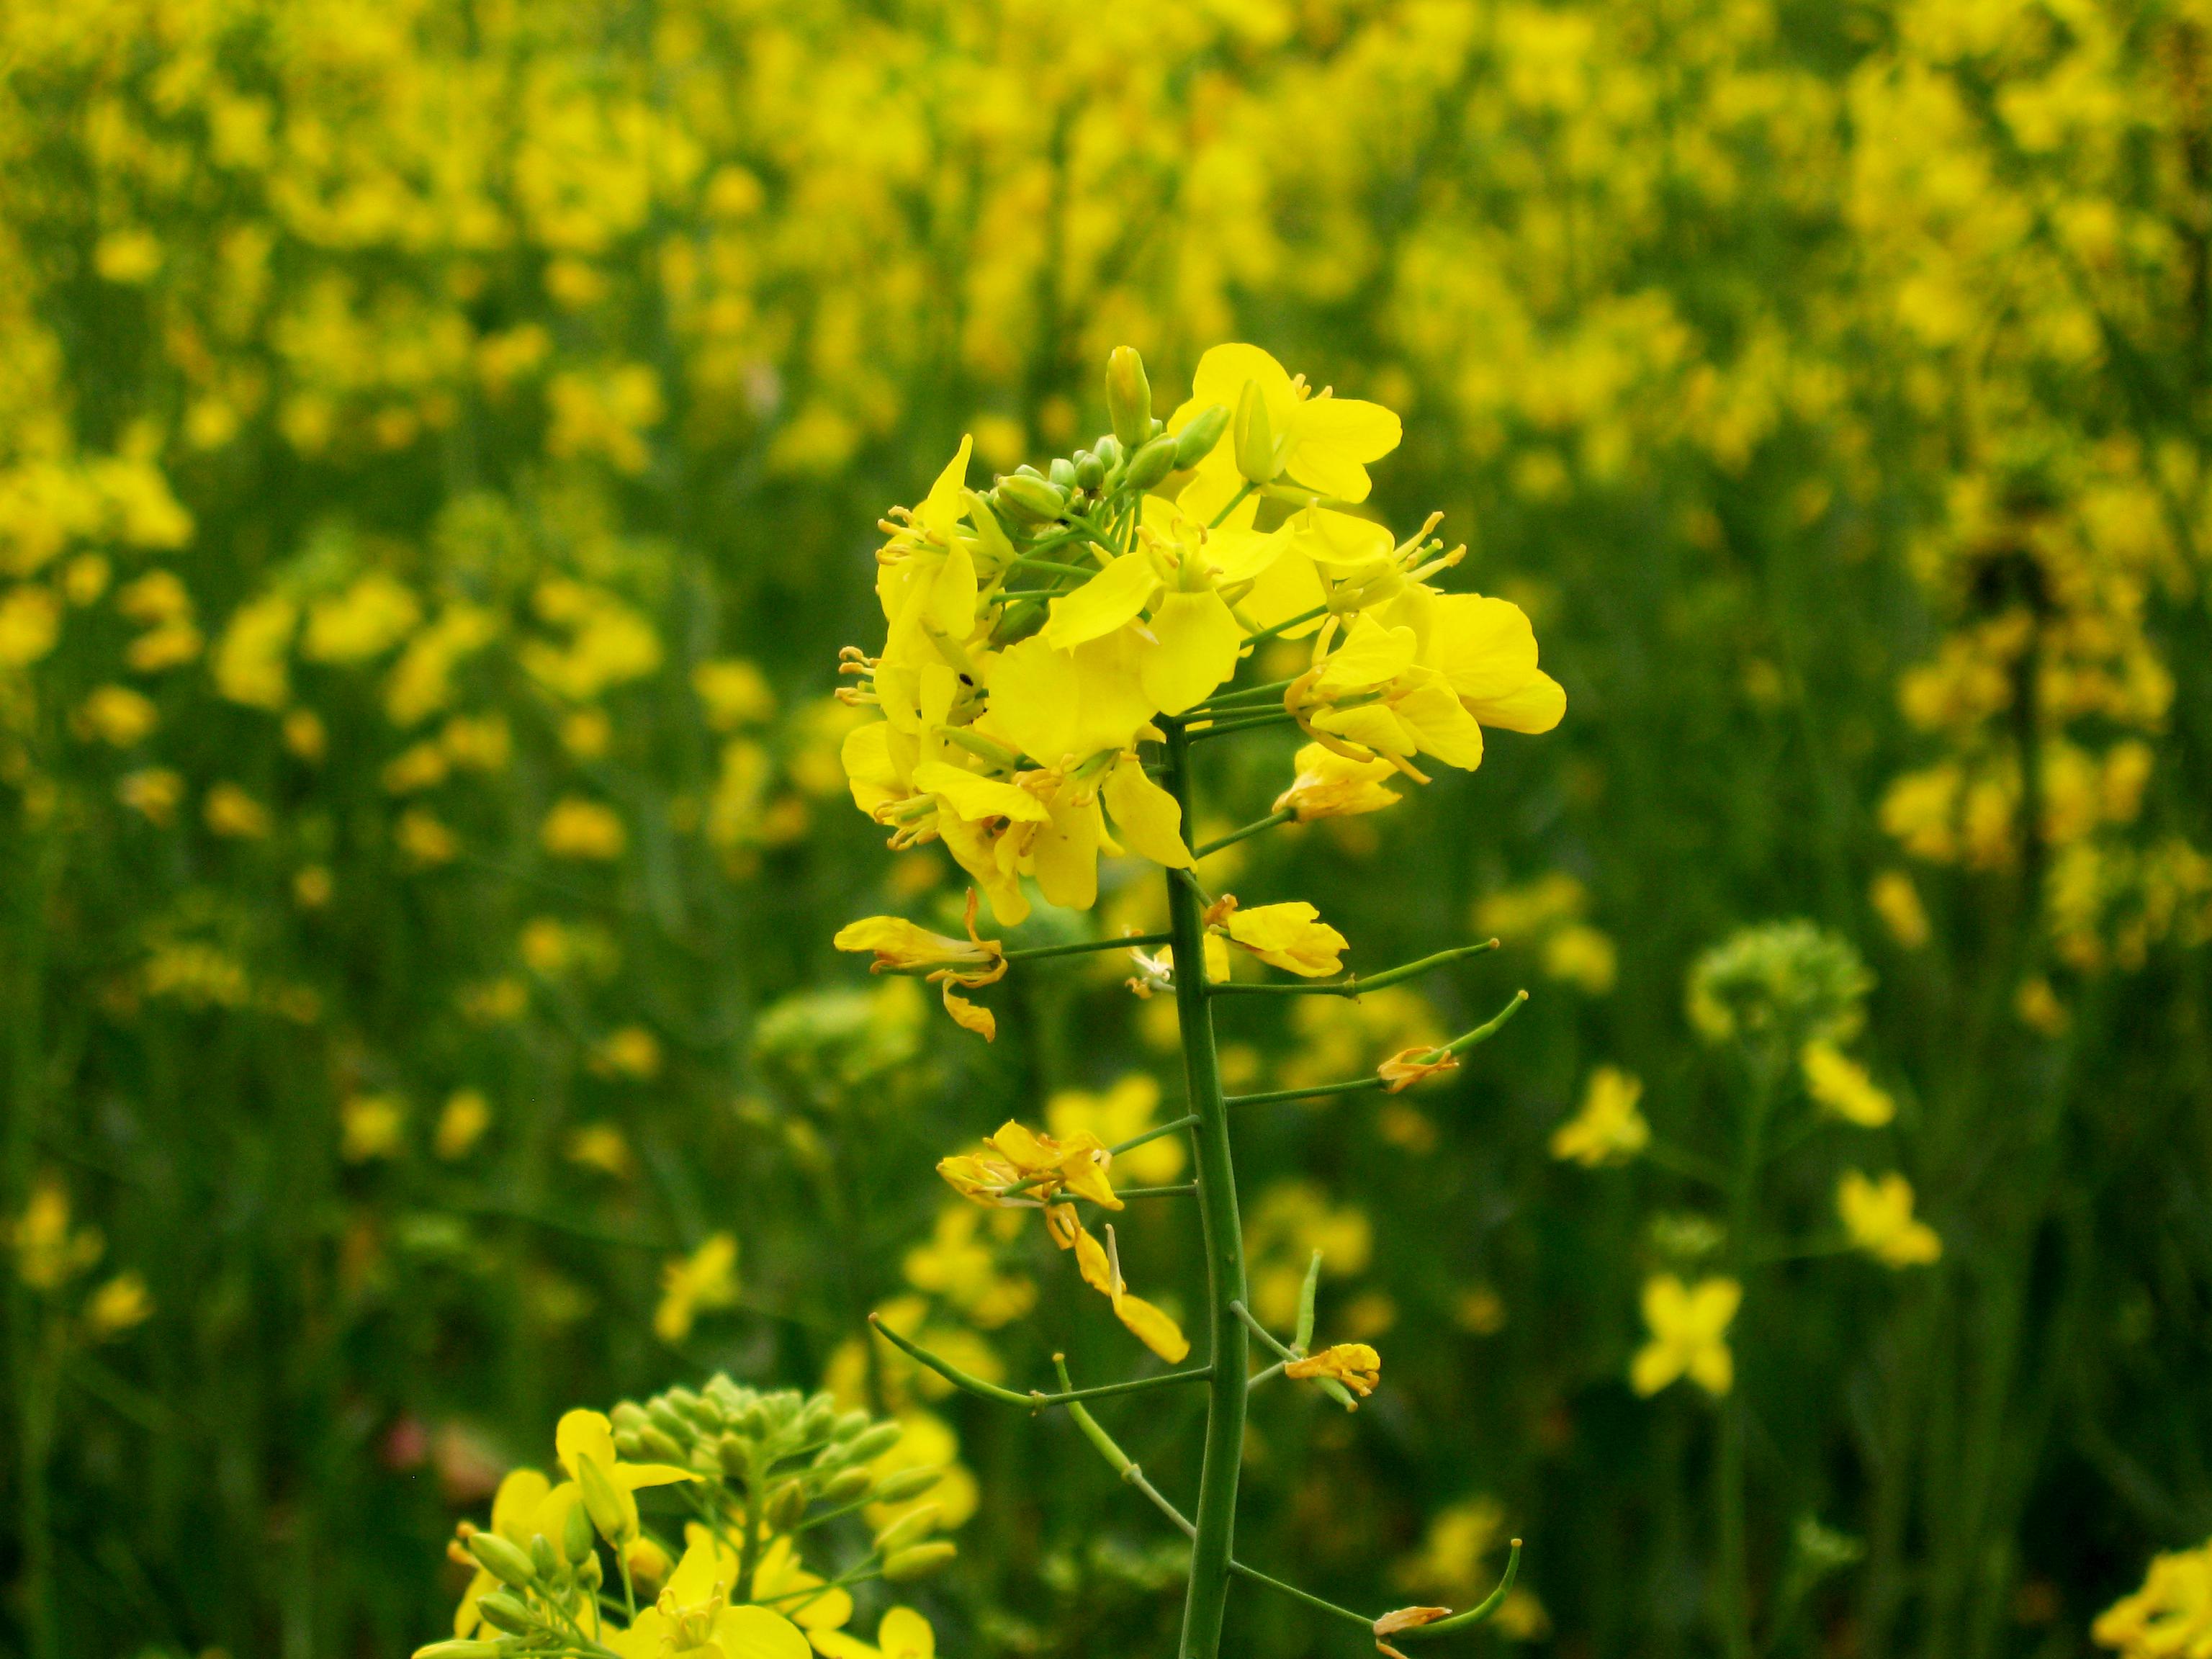 Mustard plant; Brassica juncea; Mustard